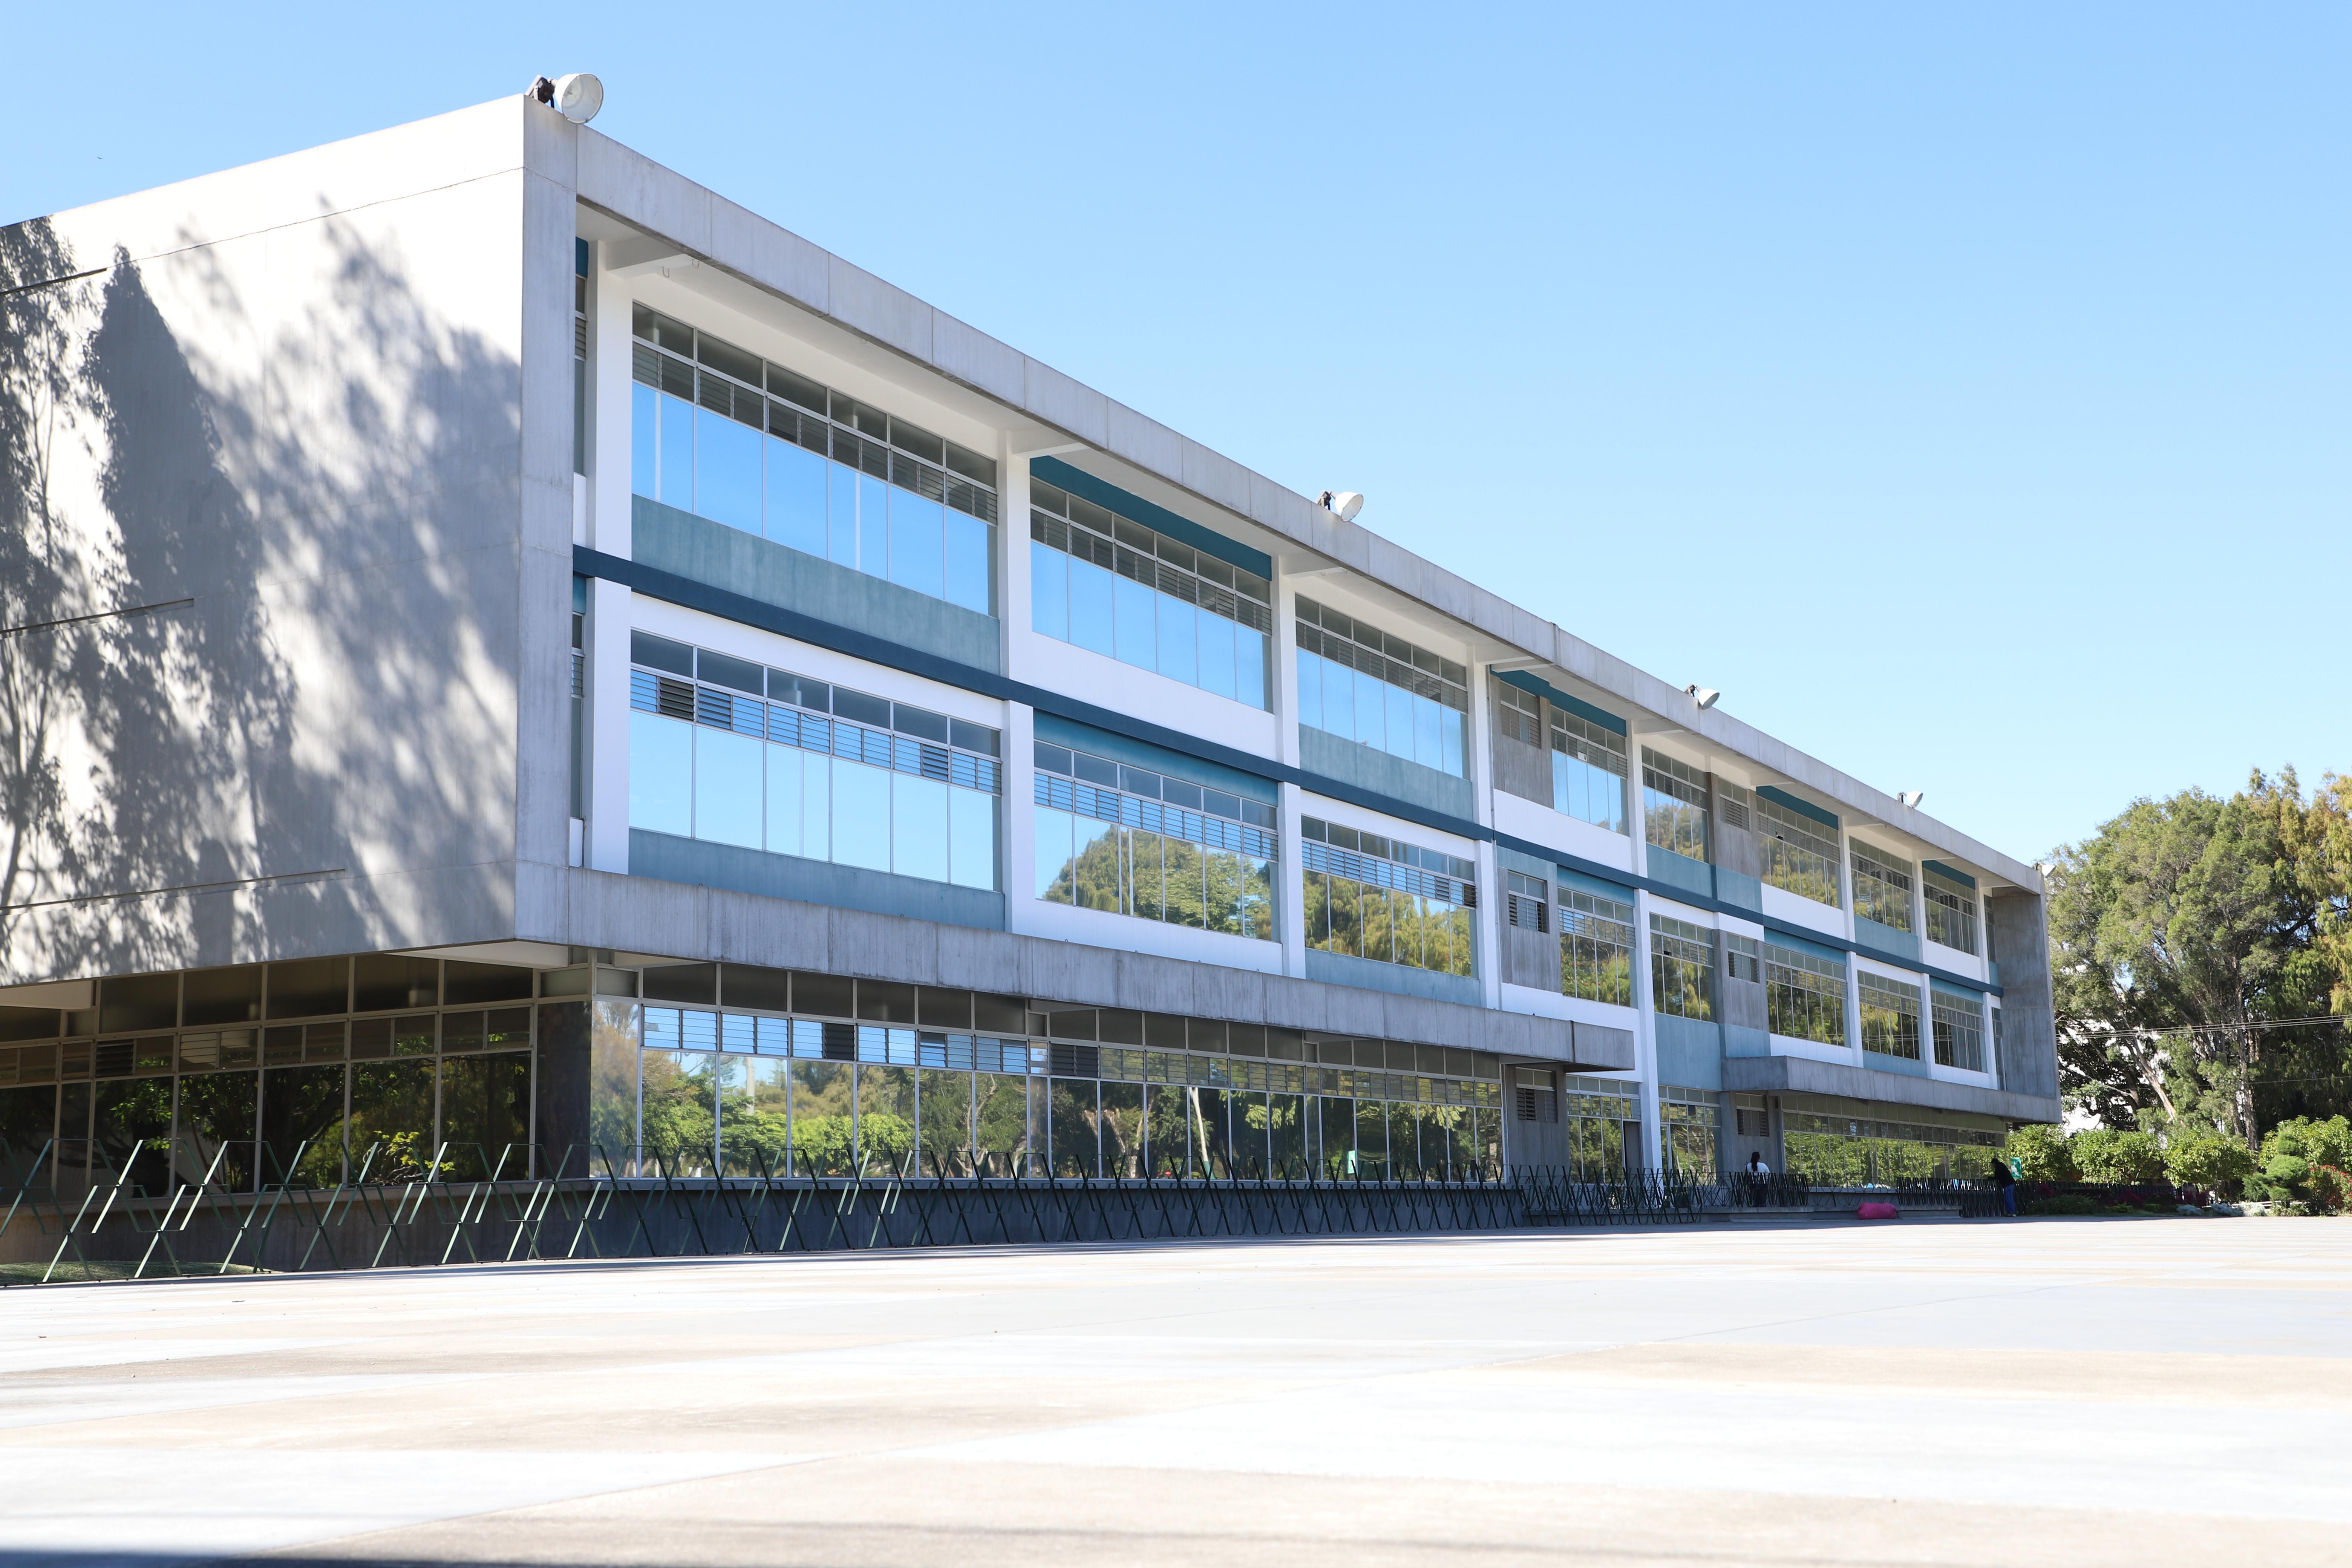 En el edificio de la Dirección General de Administración DIGA, se encuentran las oficinas del Departamento de Registro y Estadística de la USAC, encargado de la inscripción de estudiantes. Fotografía Elio Morales